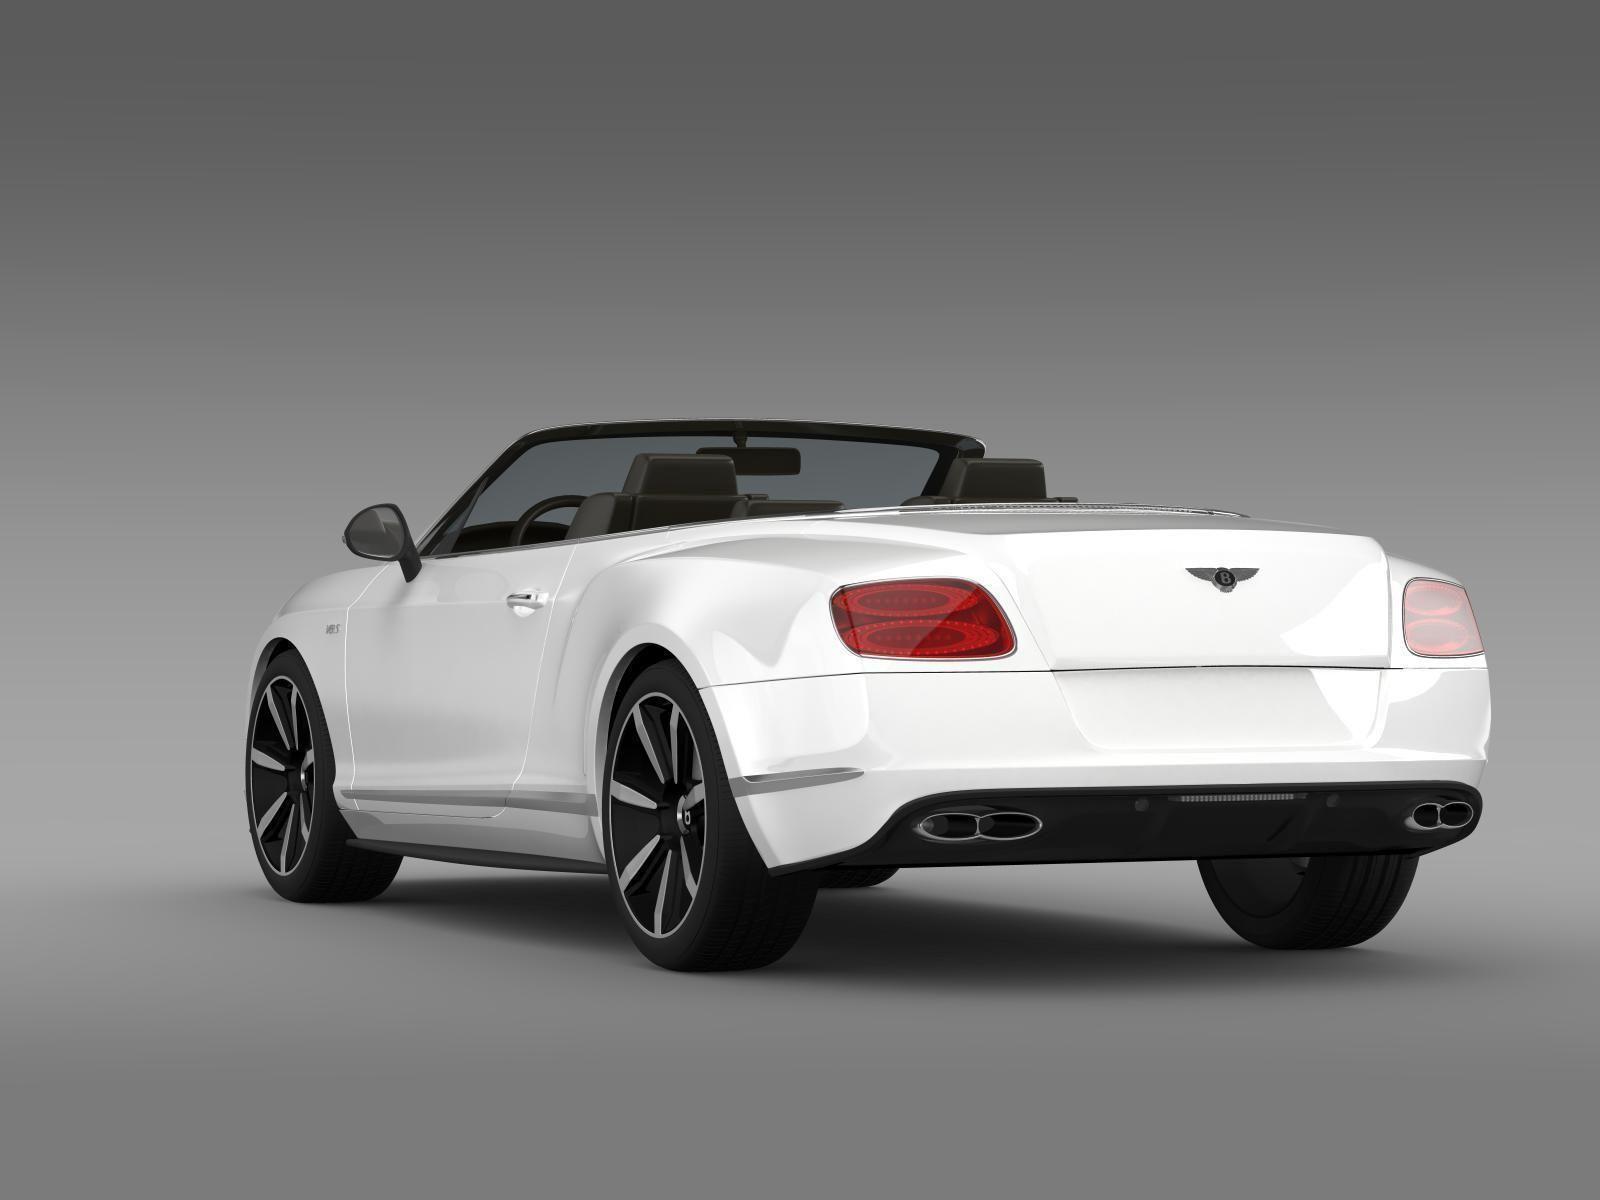 ... Bentley Continental Gt V8 S Convertible 2014 3d Model Max Obj 3ds Fbx  C4d Lwo Lw ...